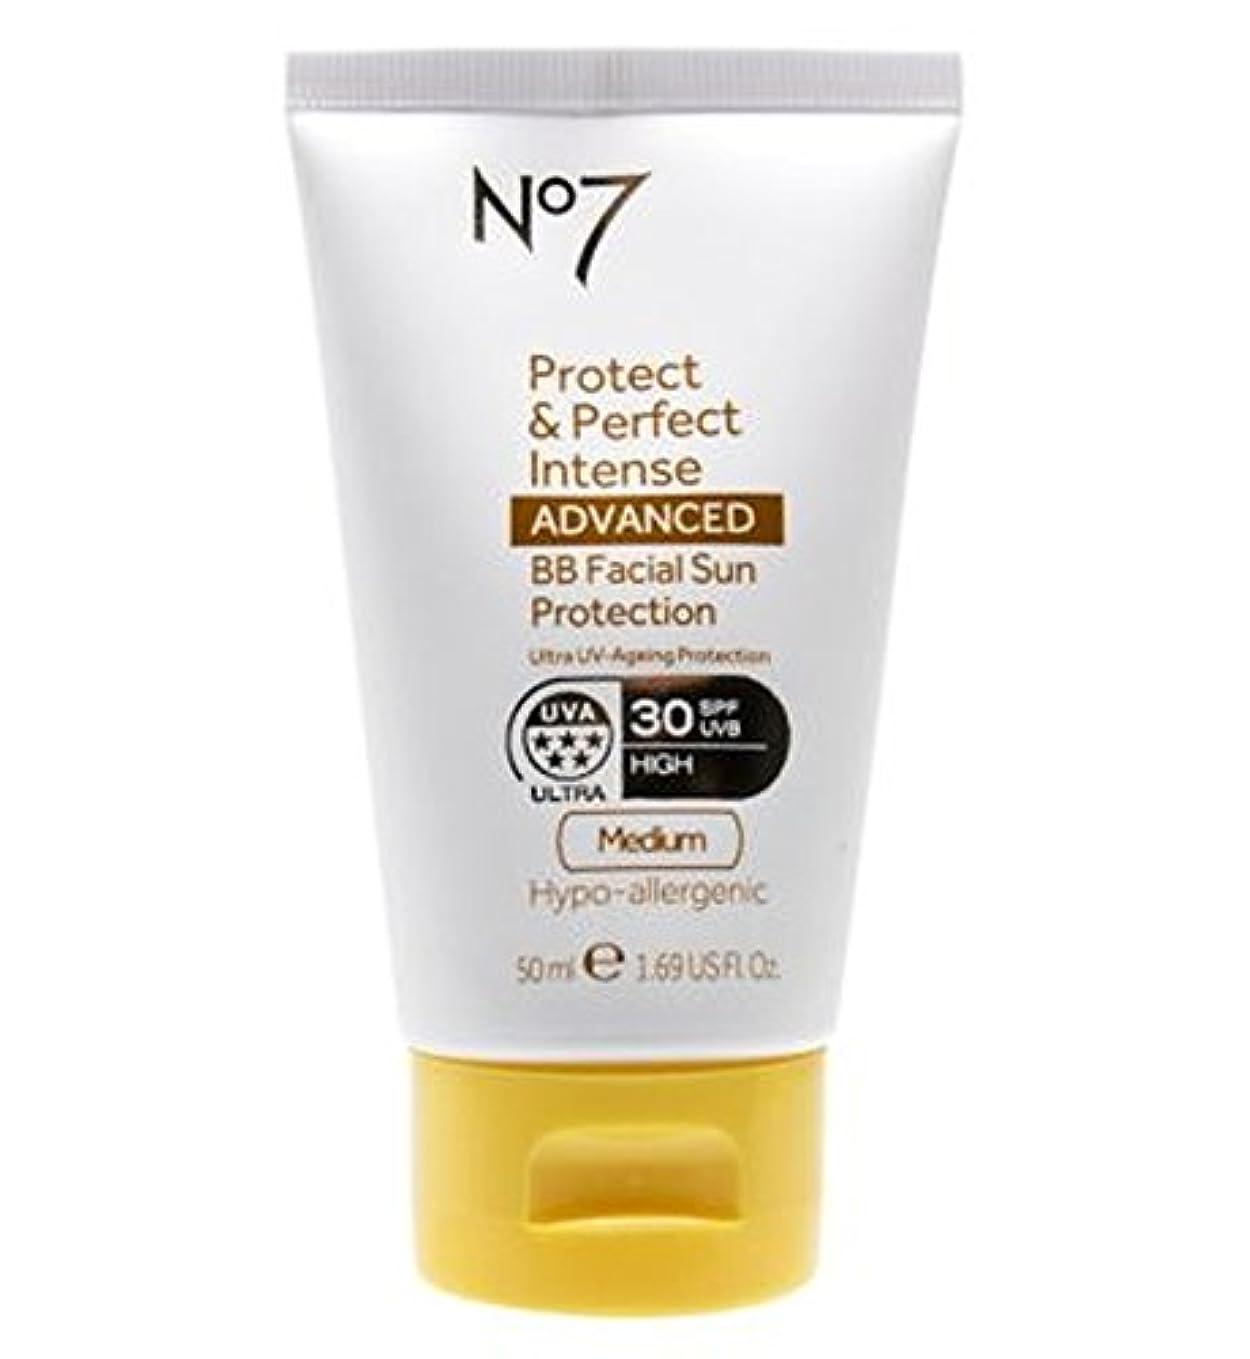 残り物貢献エンコミウムNo7 Protect & Perfect Intense ADVANCED BB Facial Sun Protection SPF30 Medium 50ml - No7保護&完璧な強烈な先進Bb顔の日焼け防止Spf30...